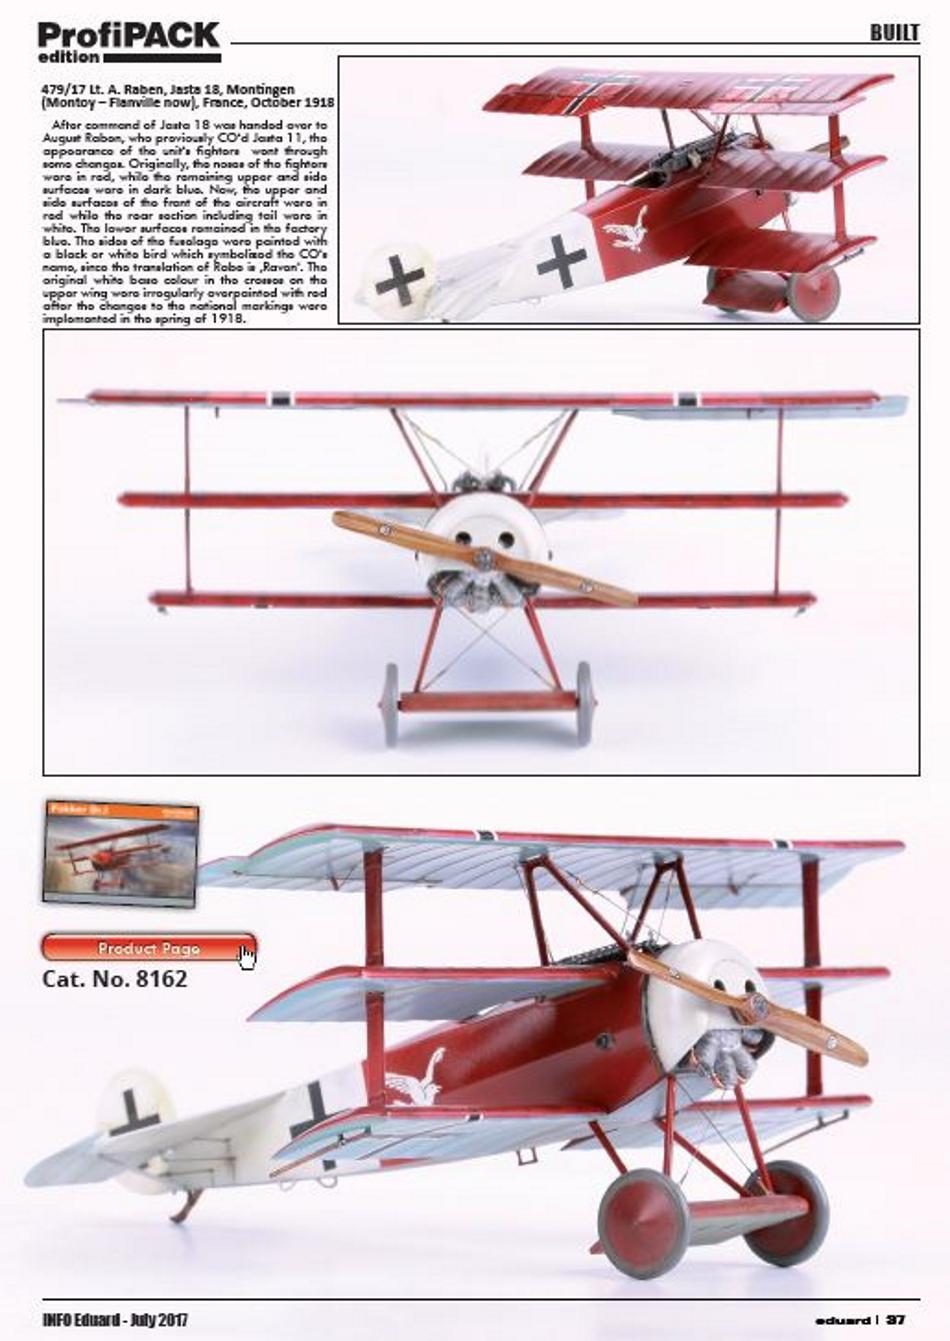 FOKKER Dr.I Fokker54